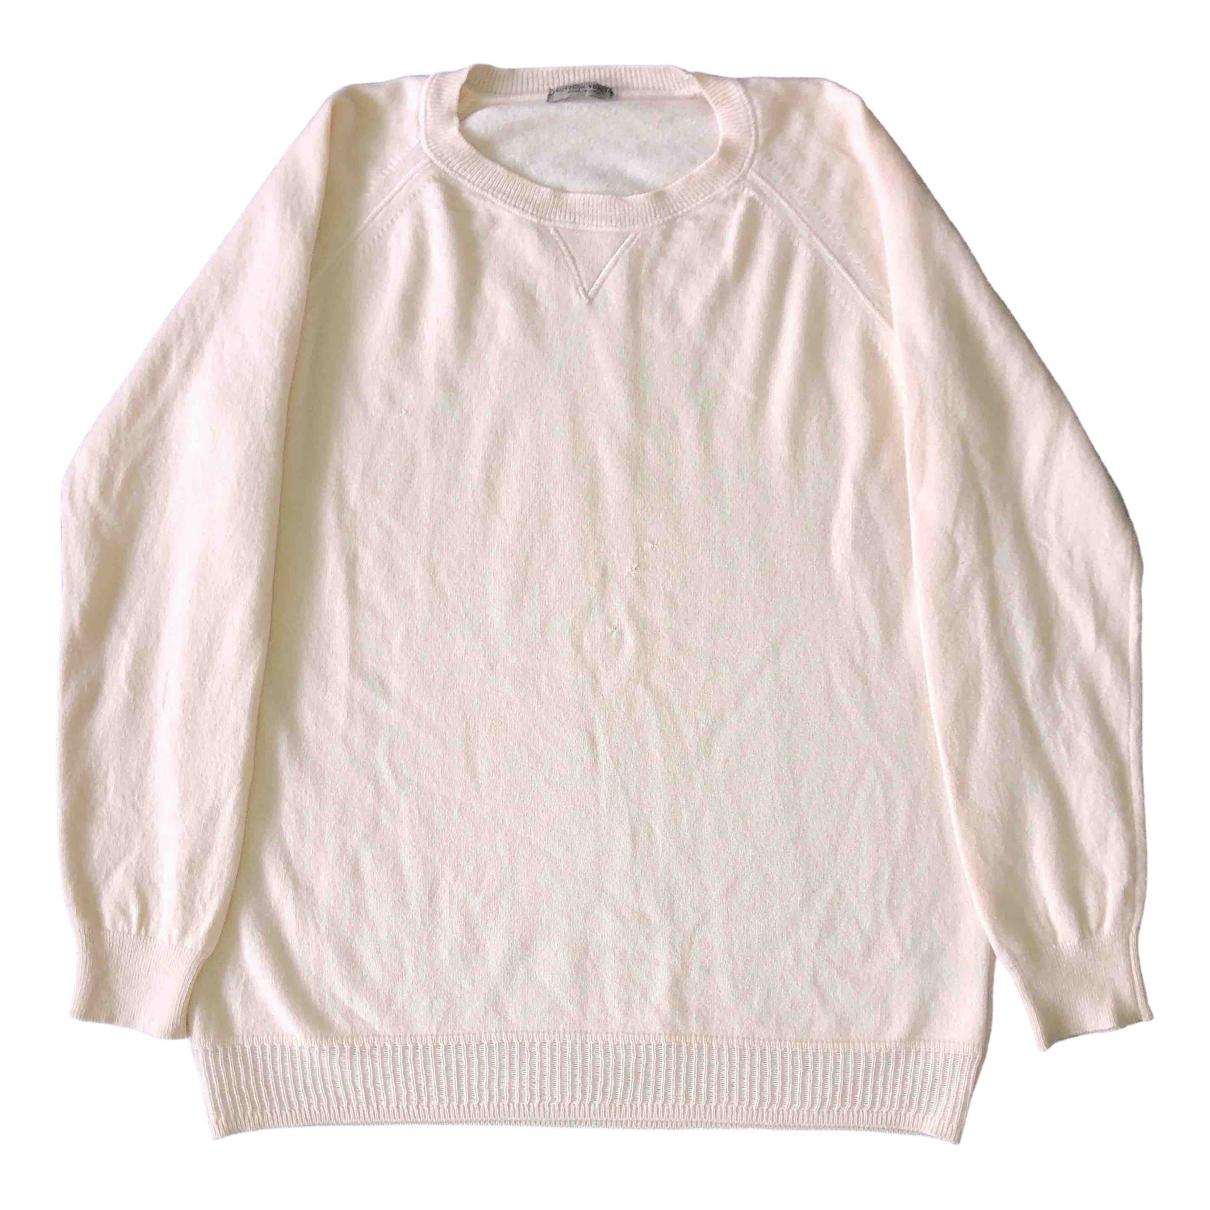 Bottega Veneta \N Beige Cashmere Knitwear & Sweatshirts for Men 42 IT